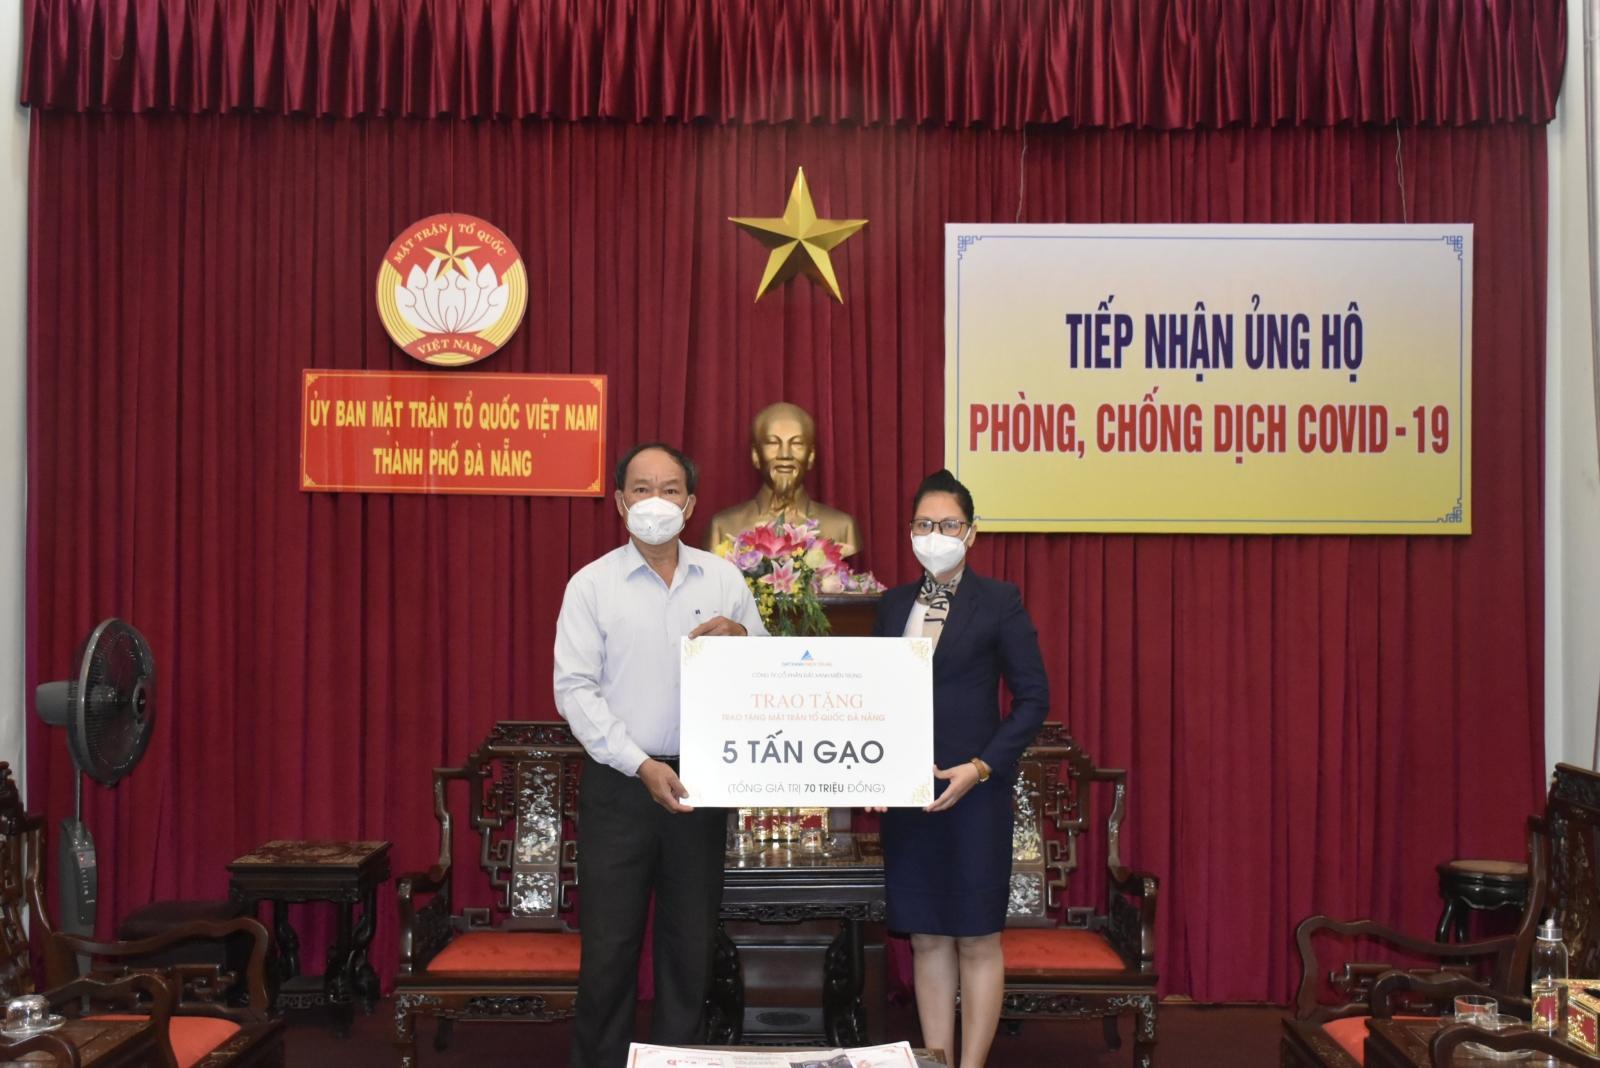 Đất Xanh Miền Trung tiếp tục hỗ trợ nhu yếu phẩm cho công tác xã hội phòng chống dịch trên nhiều tỉnh, thành